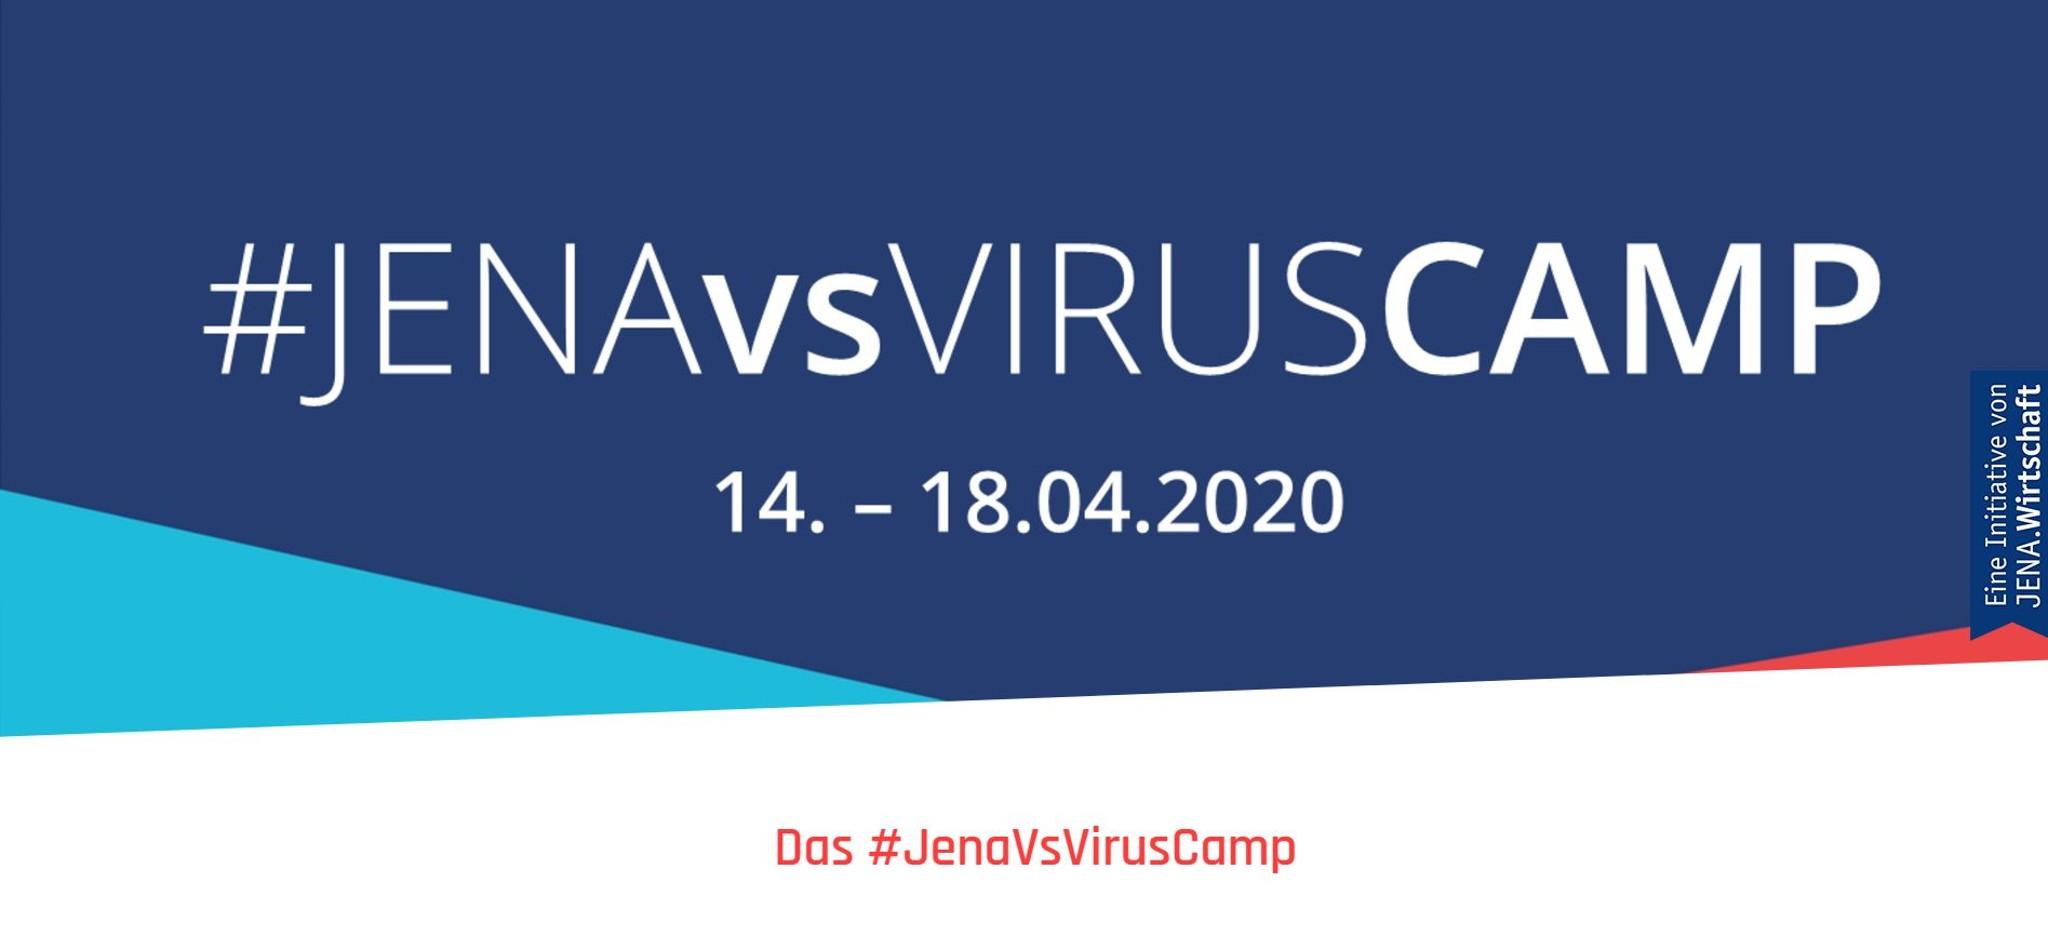 Date Hackathon Jena Corona